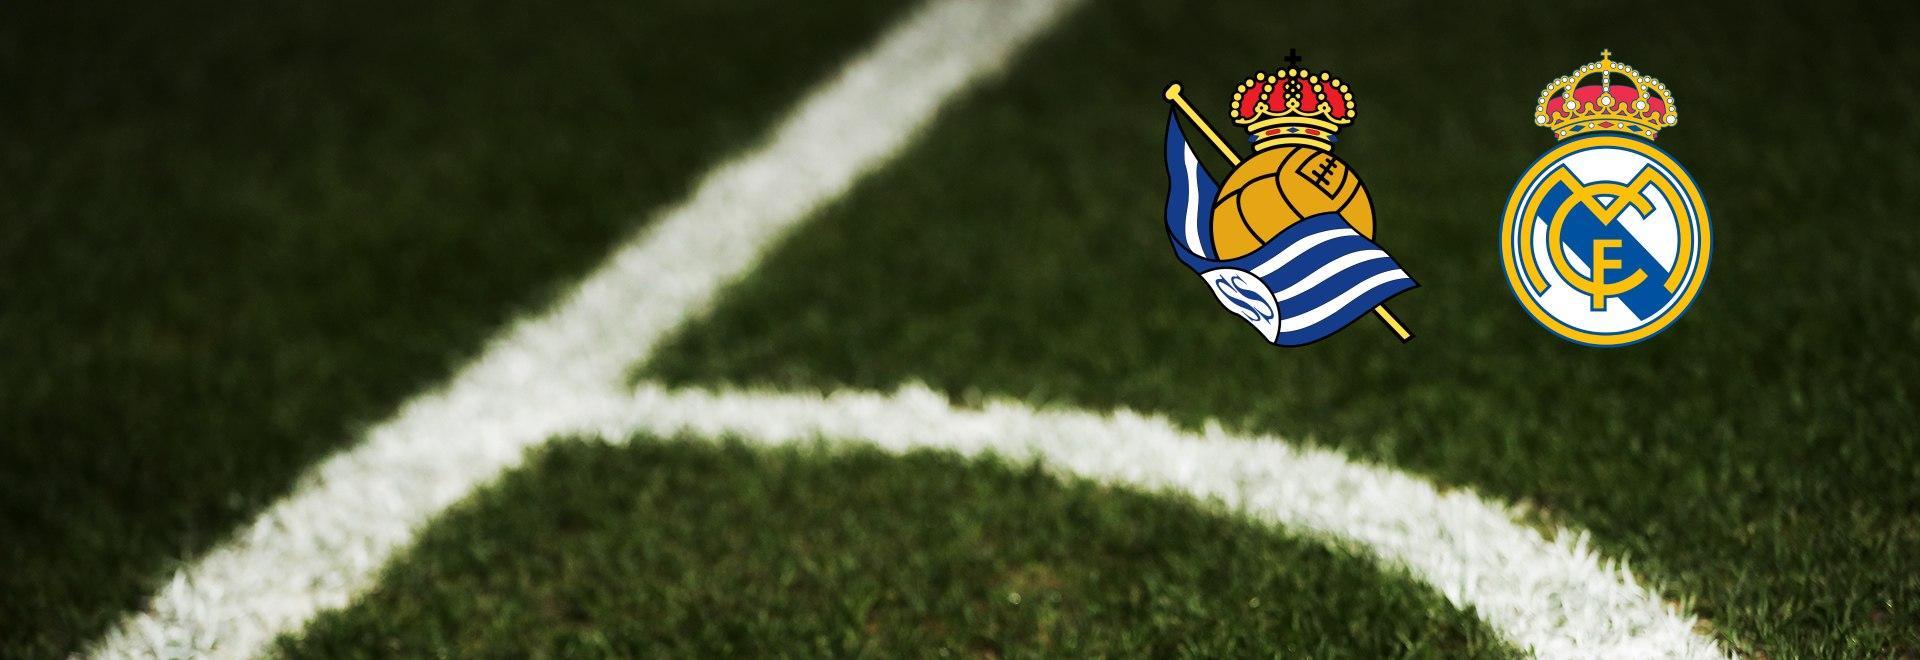 Real Sociedad - Real Madrid. 2a g.